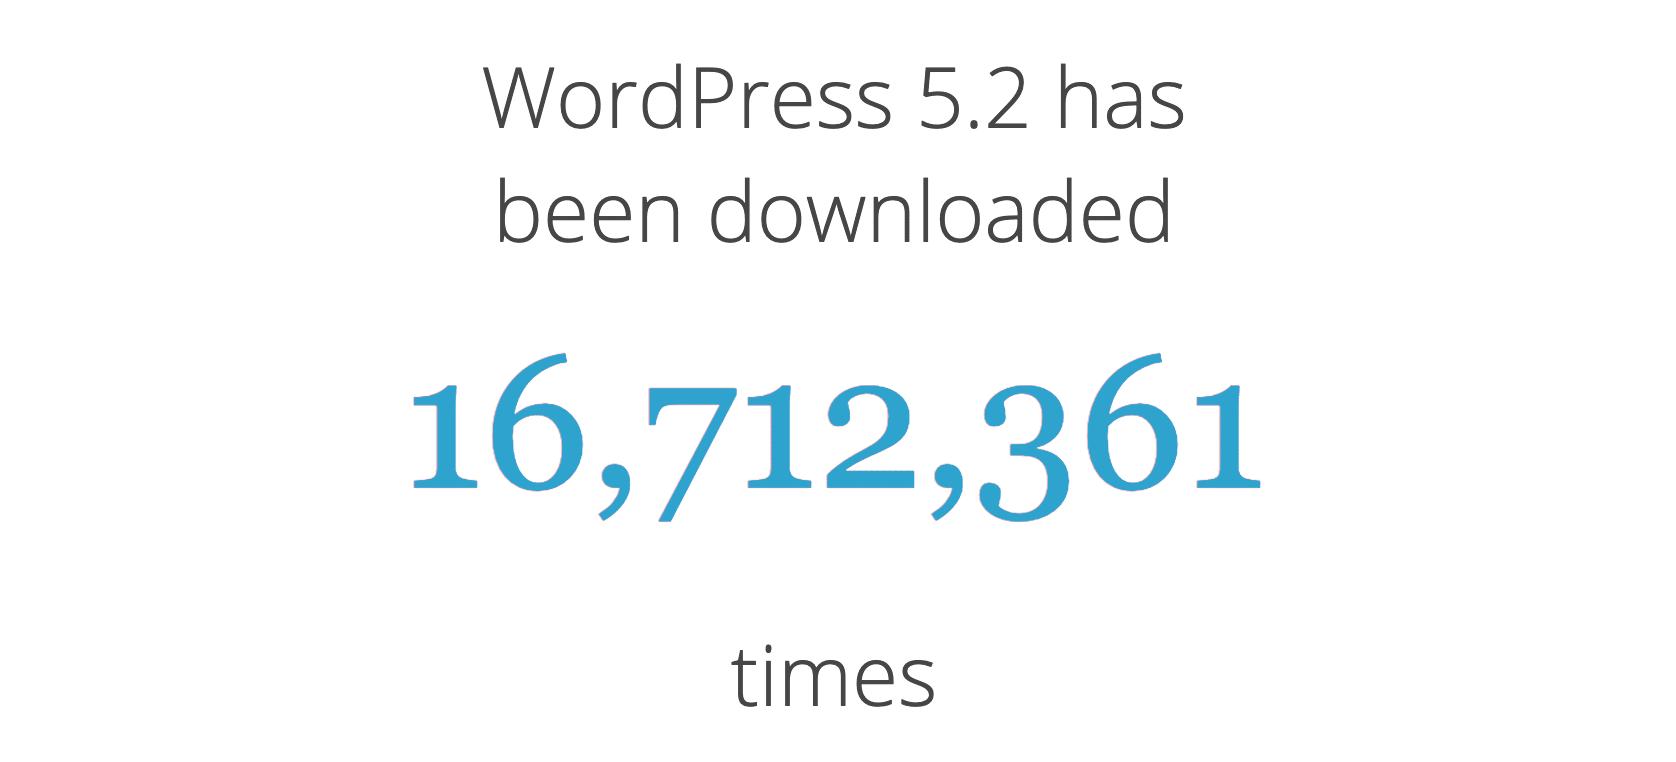 Contagem de downloads do WordPress 5.2